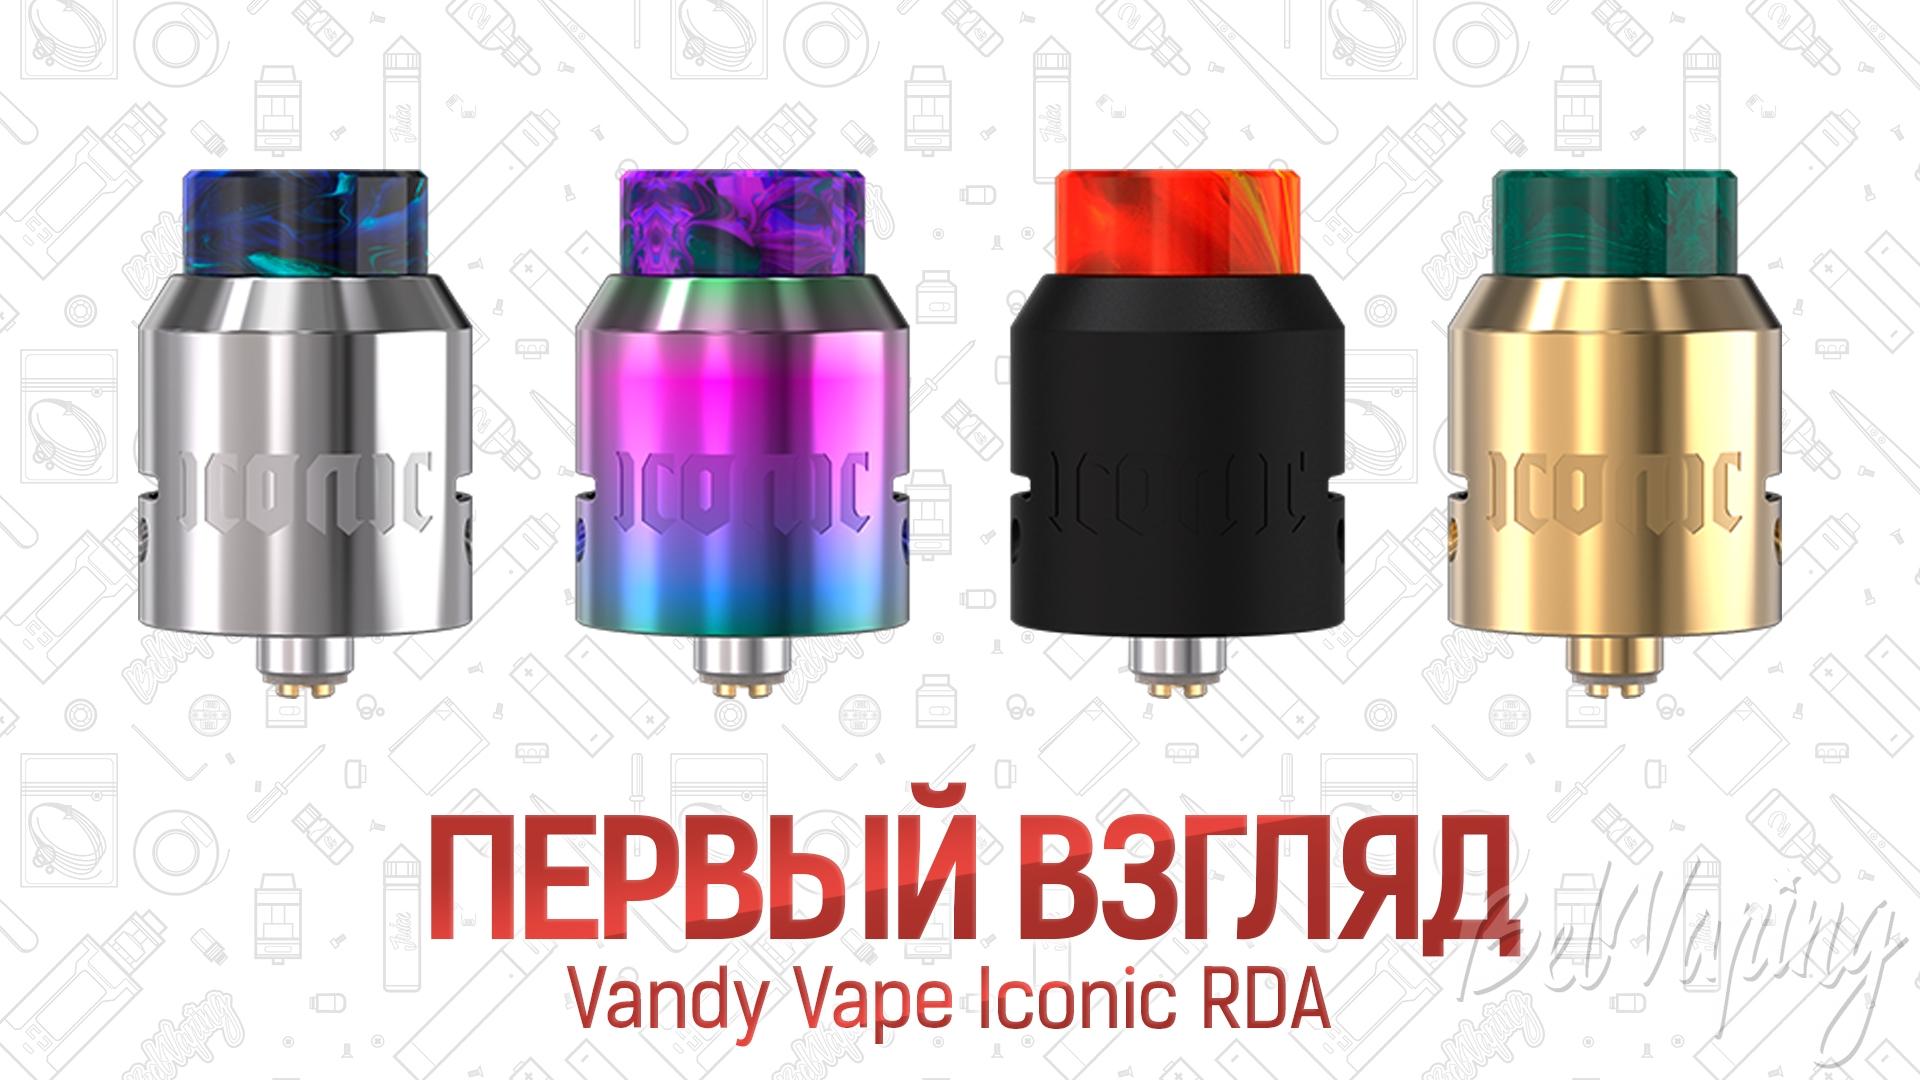 Vandy Vape Iconic RDA. Первый взгляд